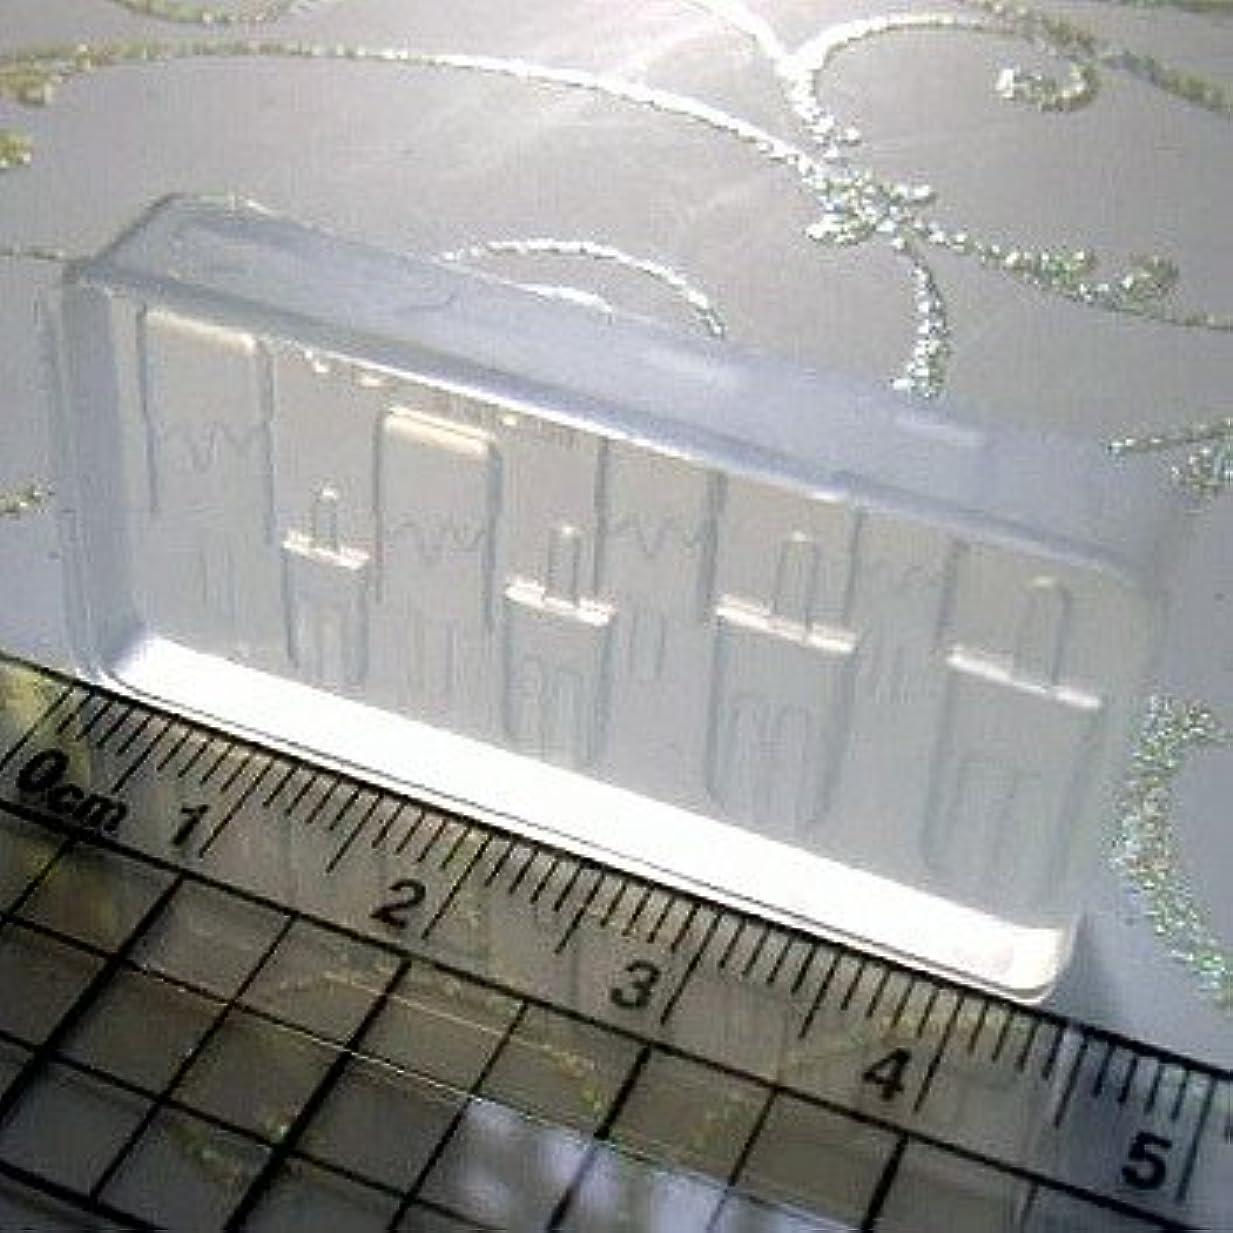 乗算成熟した少なくとも3Dシリコンモールド 自分でできる3Dネイル ネイルアート3D シリコン型 アクリルパウダーやジェルで簡単に!